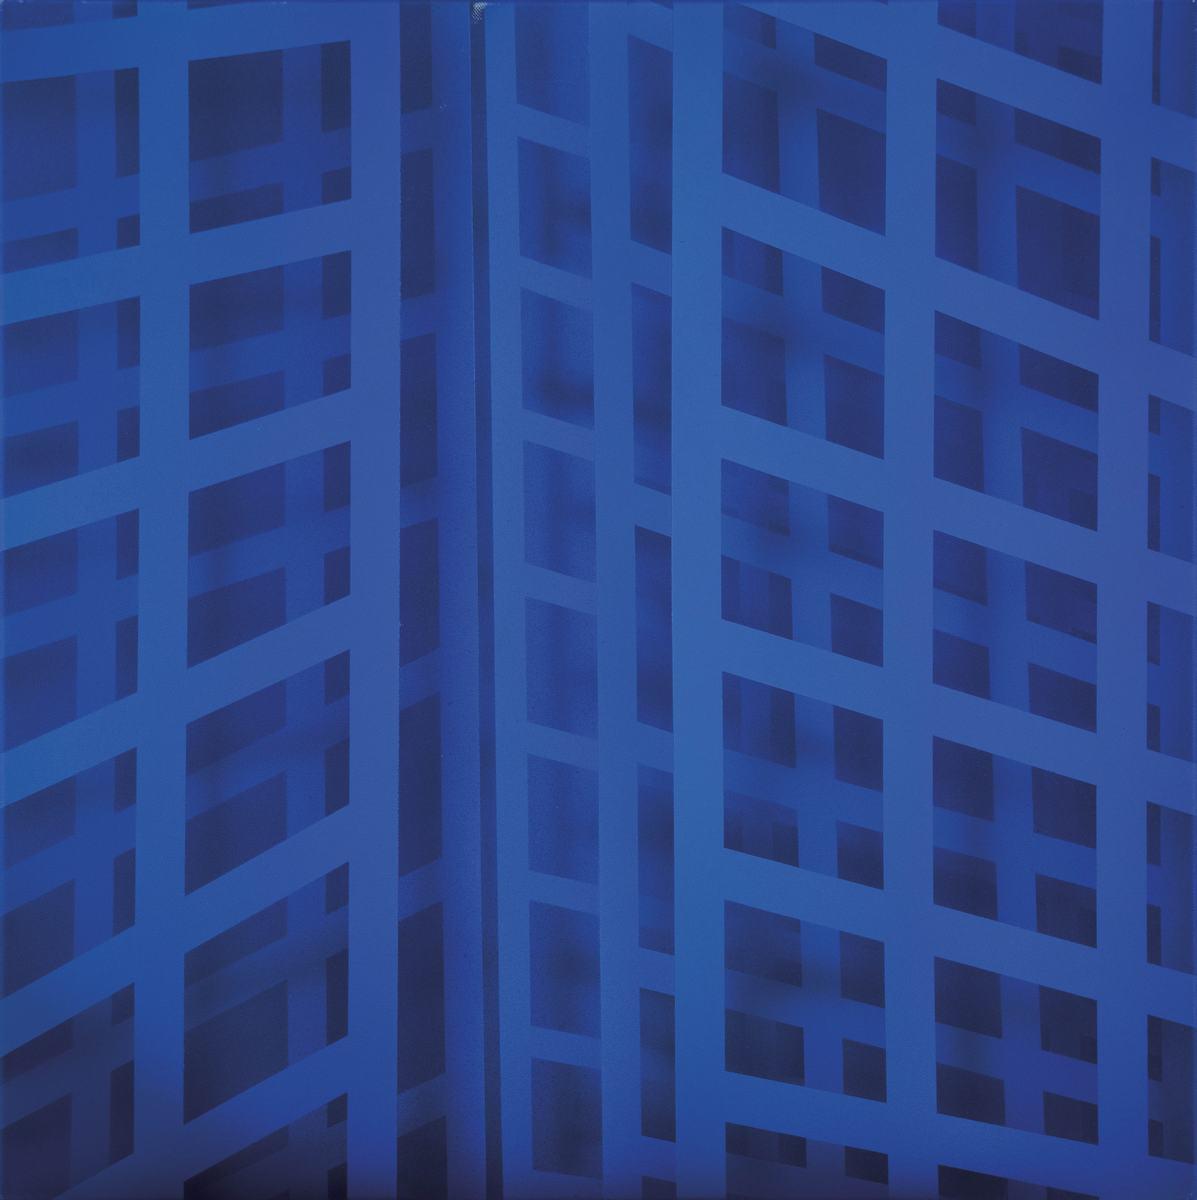 Gerhard Birkhofer, Shadow 4, 2018, akryl, płótno, 60 x 60 cm